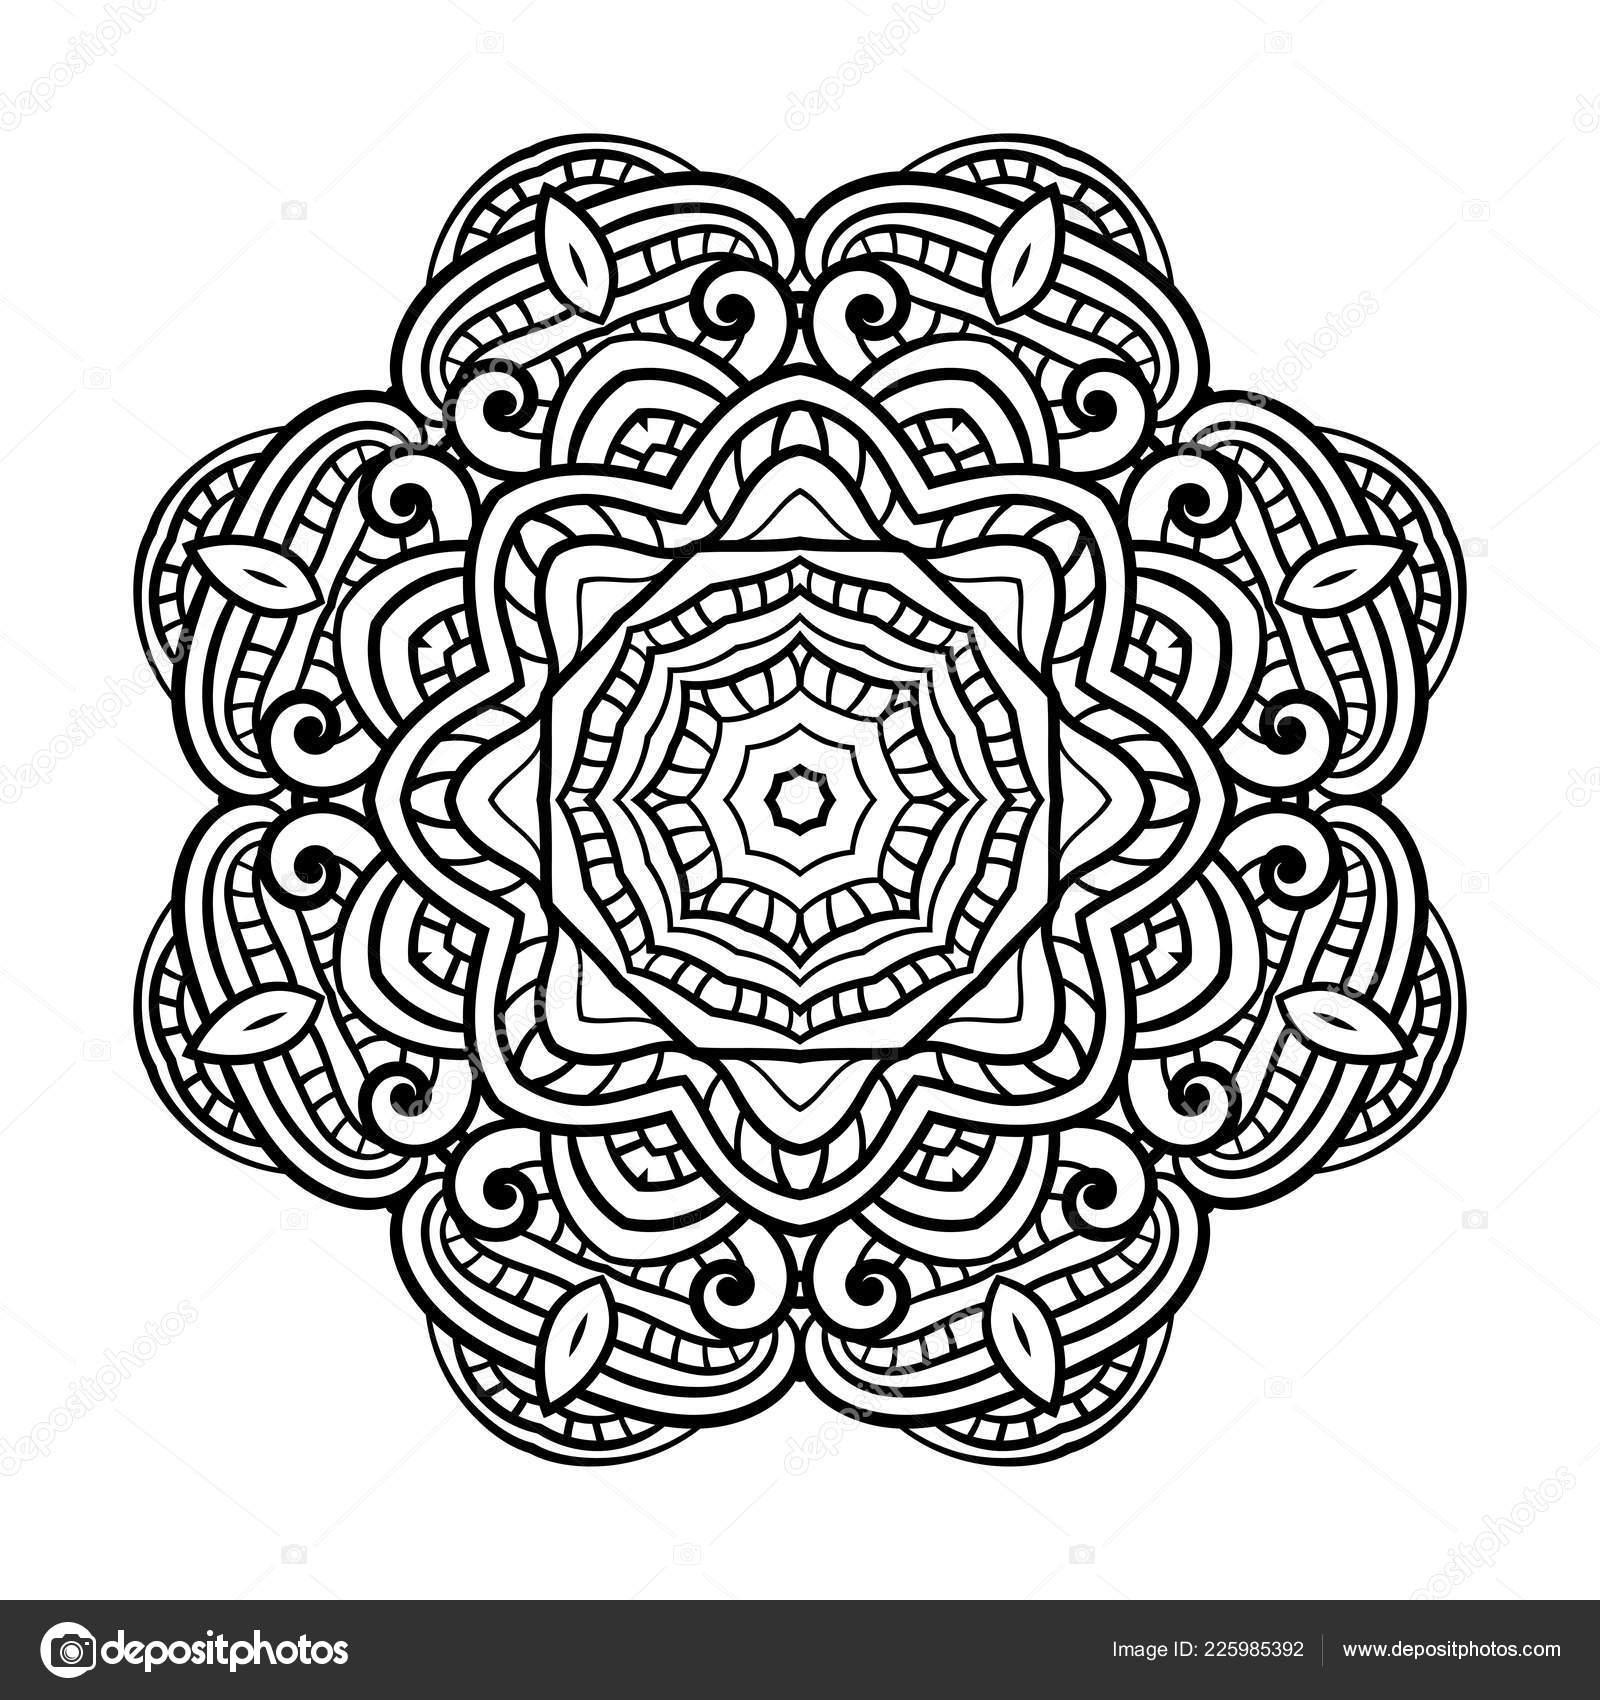 Volwassen Kleurplaten Mandala.Volwassen Kleurplaat Mandala Vector Stockvector